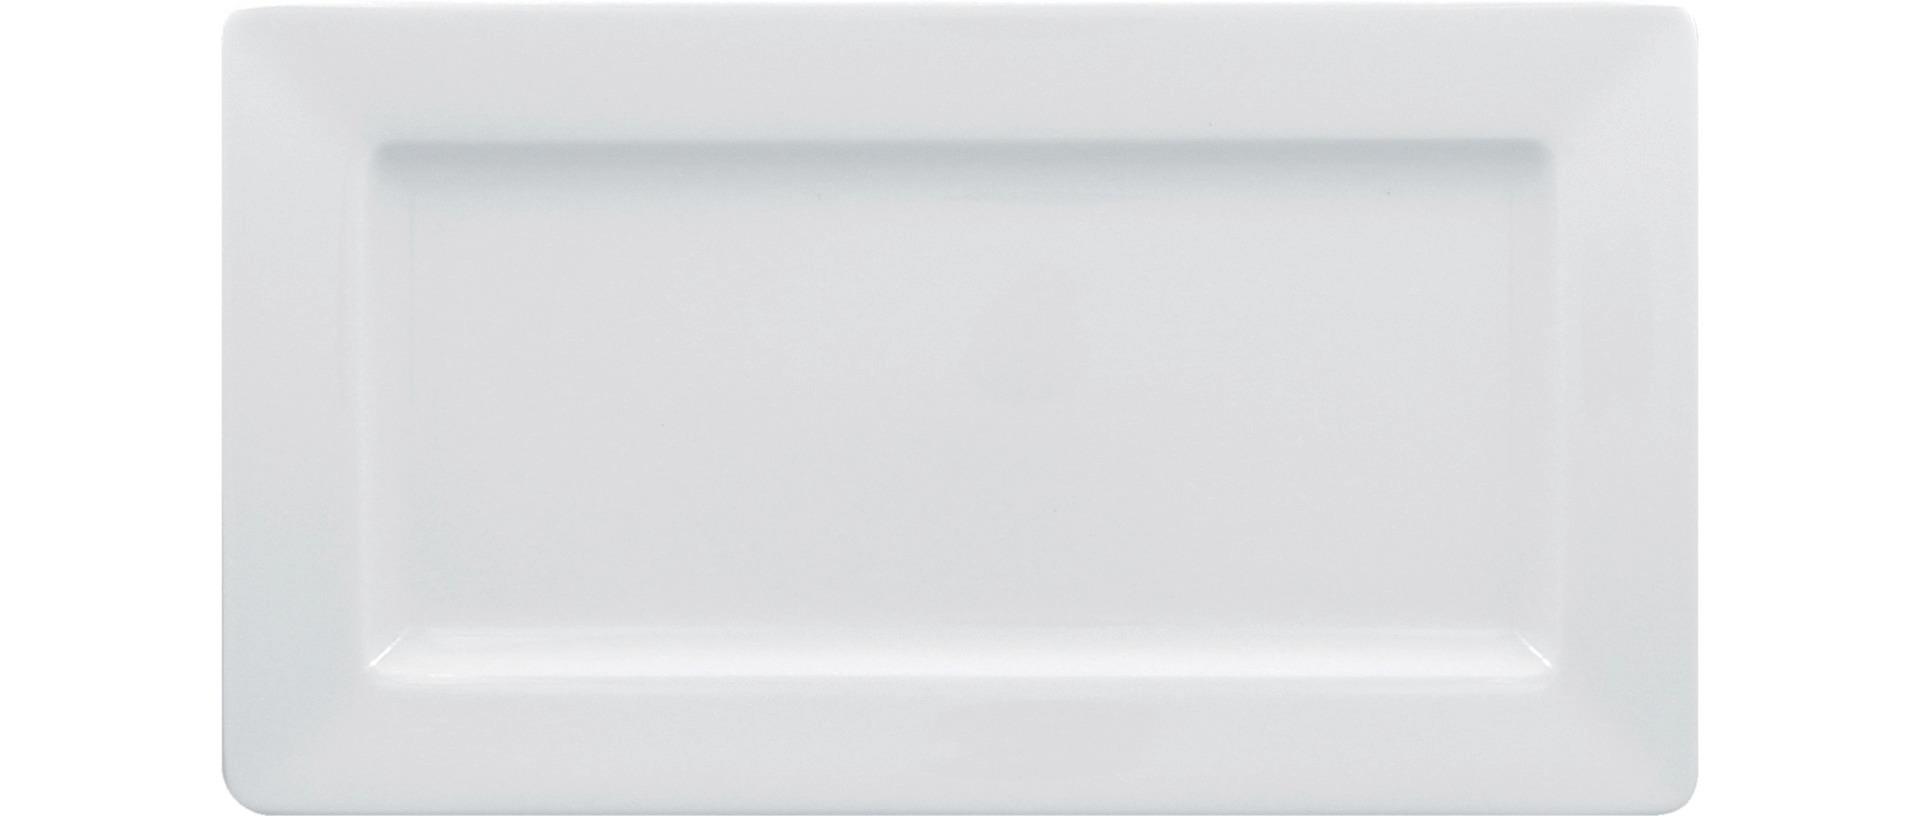 Teller rechteckig breit 295 x 160 mm bright-white